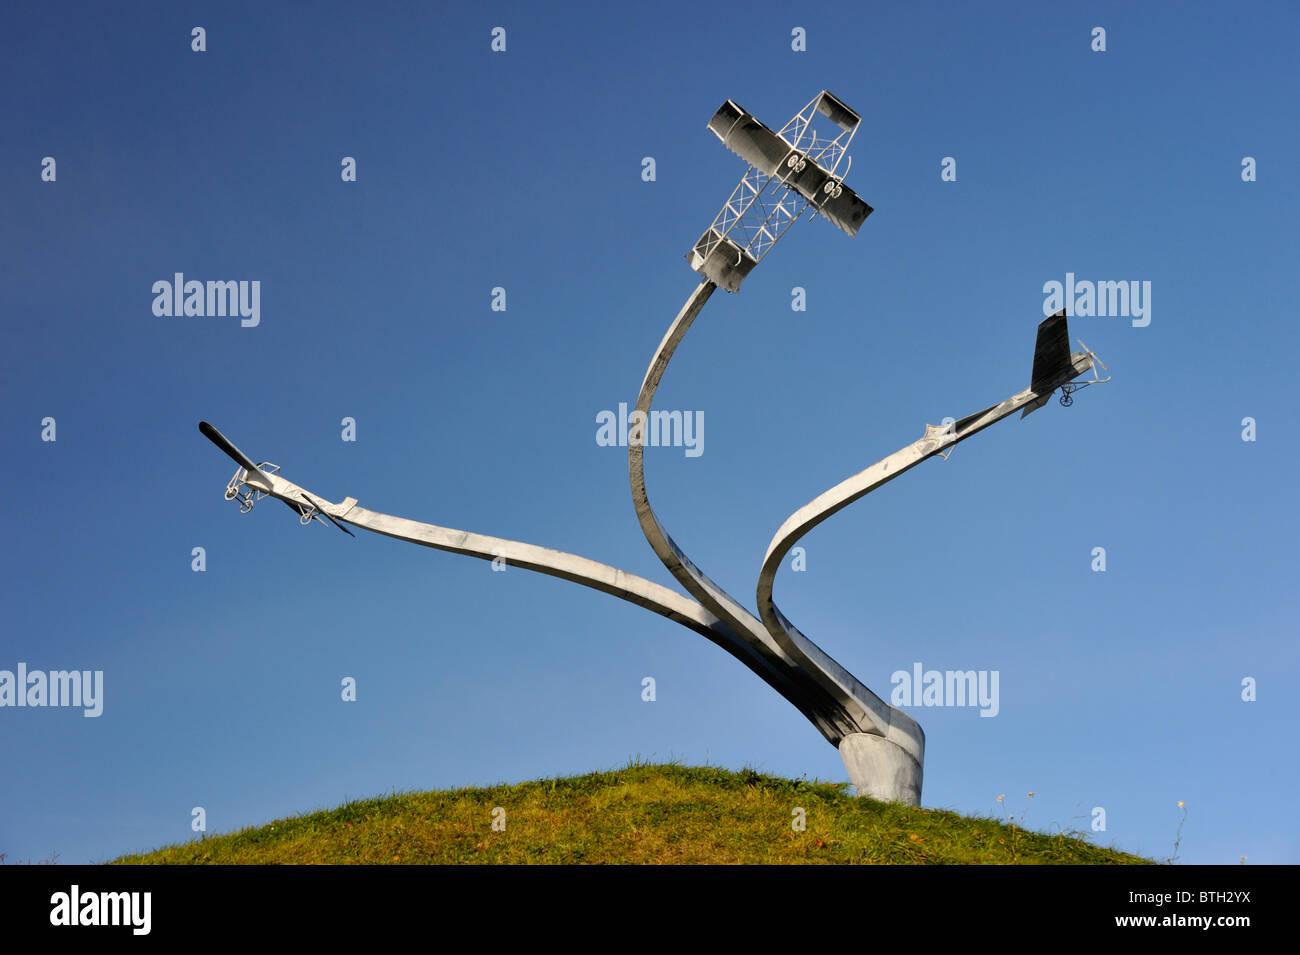 """Memorial 'el espíritu de vuelo"""". Lanark Loch, Hyndford Road, Lanark, Lanarkshire, Escocia, Reino Unido, Europa. Foto de stock"""